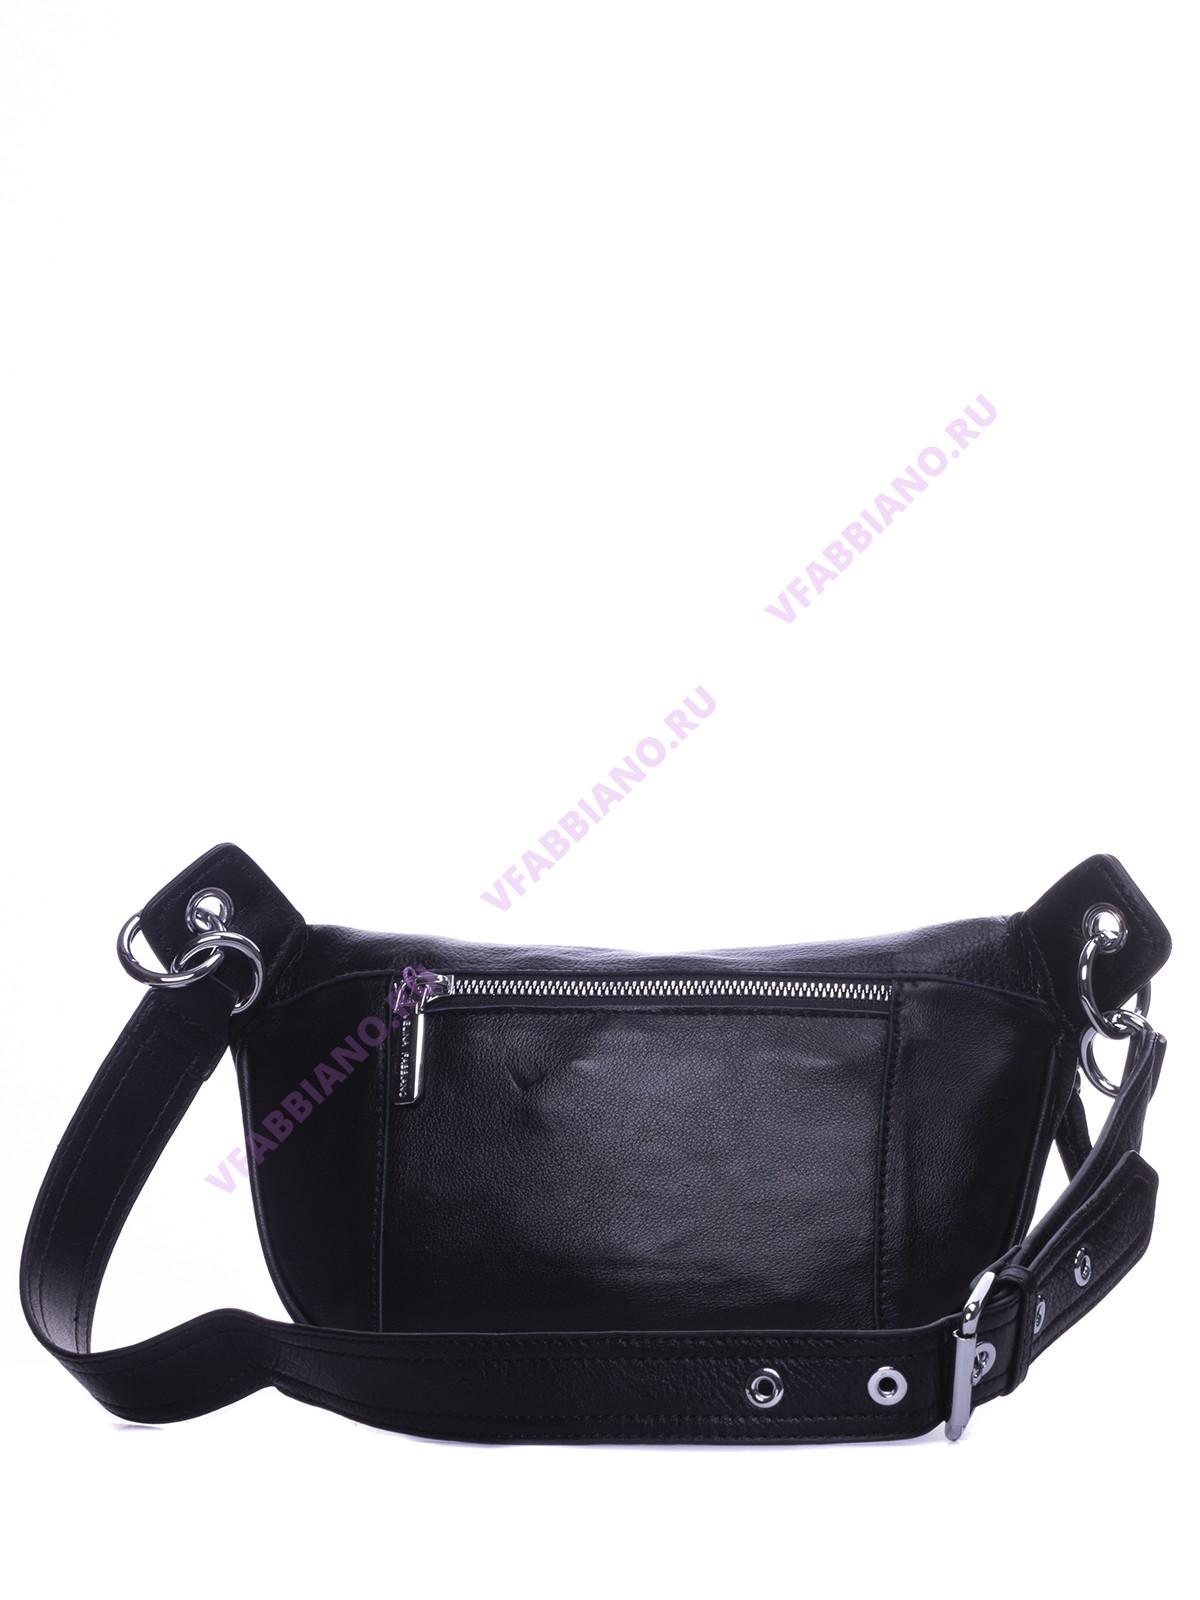 Поясная сумка VF95118 black